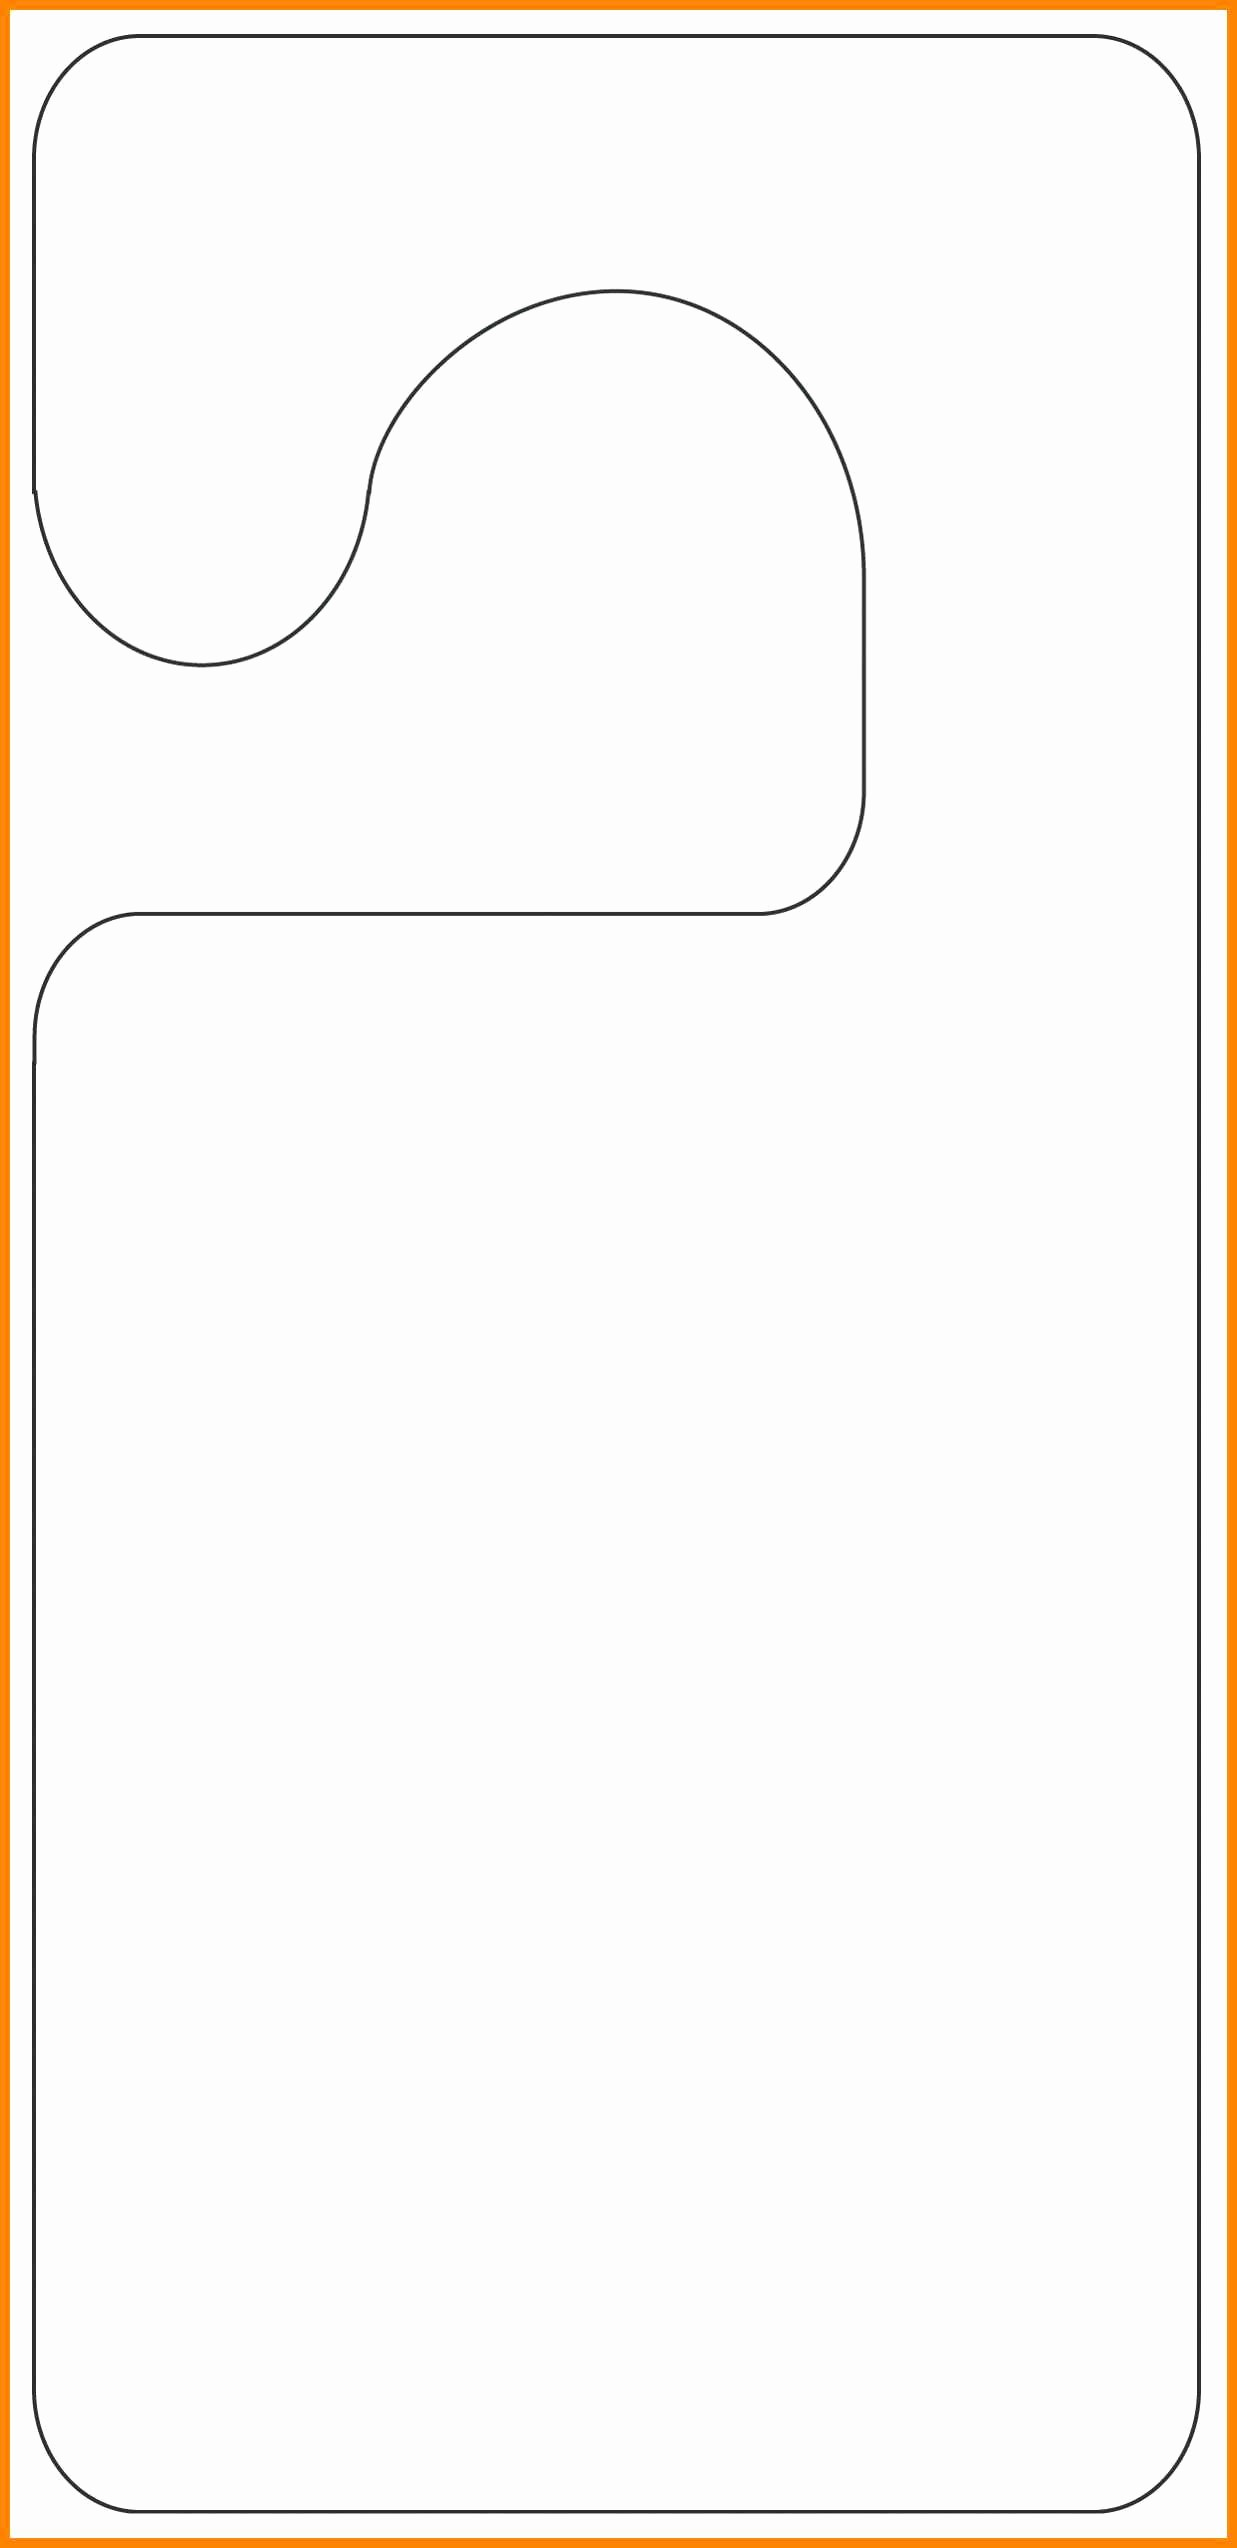 Free Door Hanger Template Word Lovely Door Hanger Template Word 3220 455ec6b9659c9 18 for